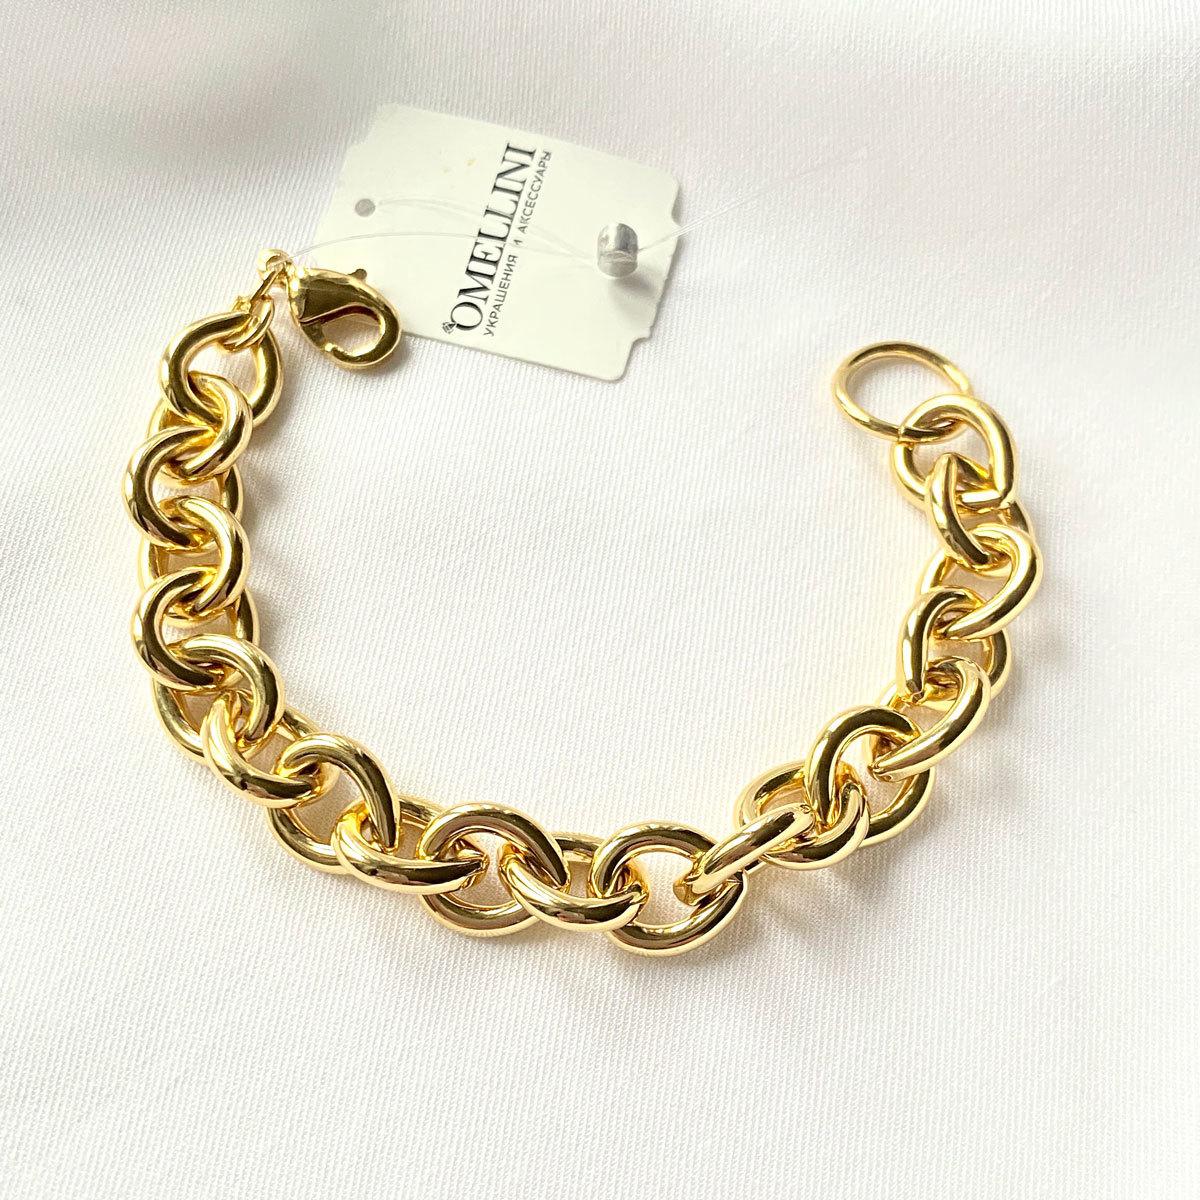 Браслет-цепь с каплевидными звеньями золотой